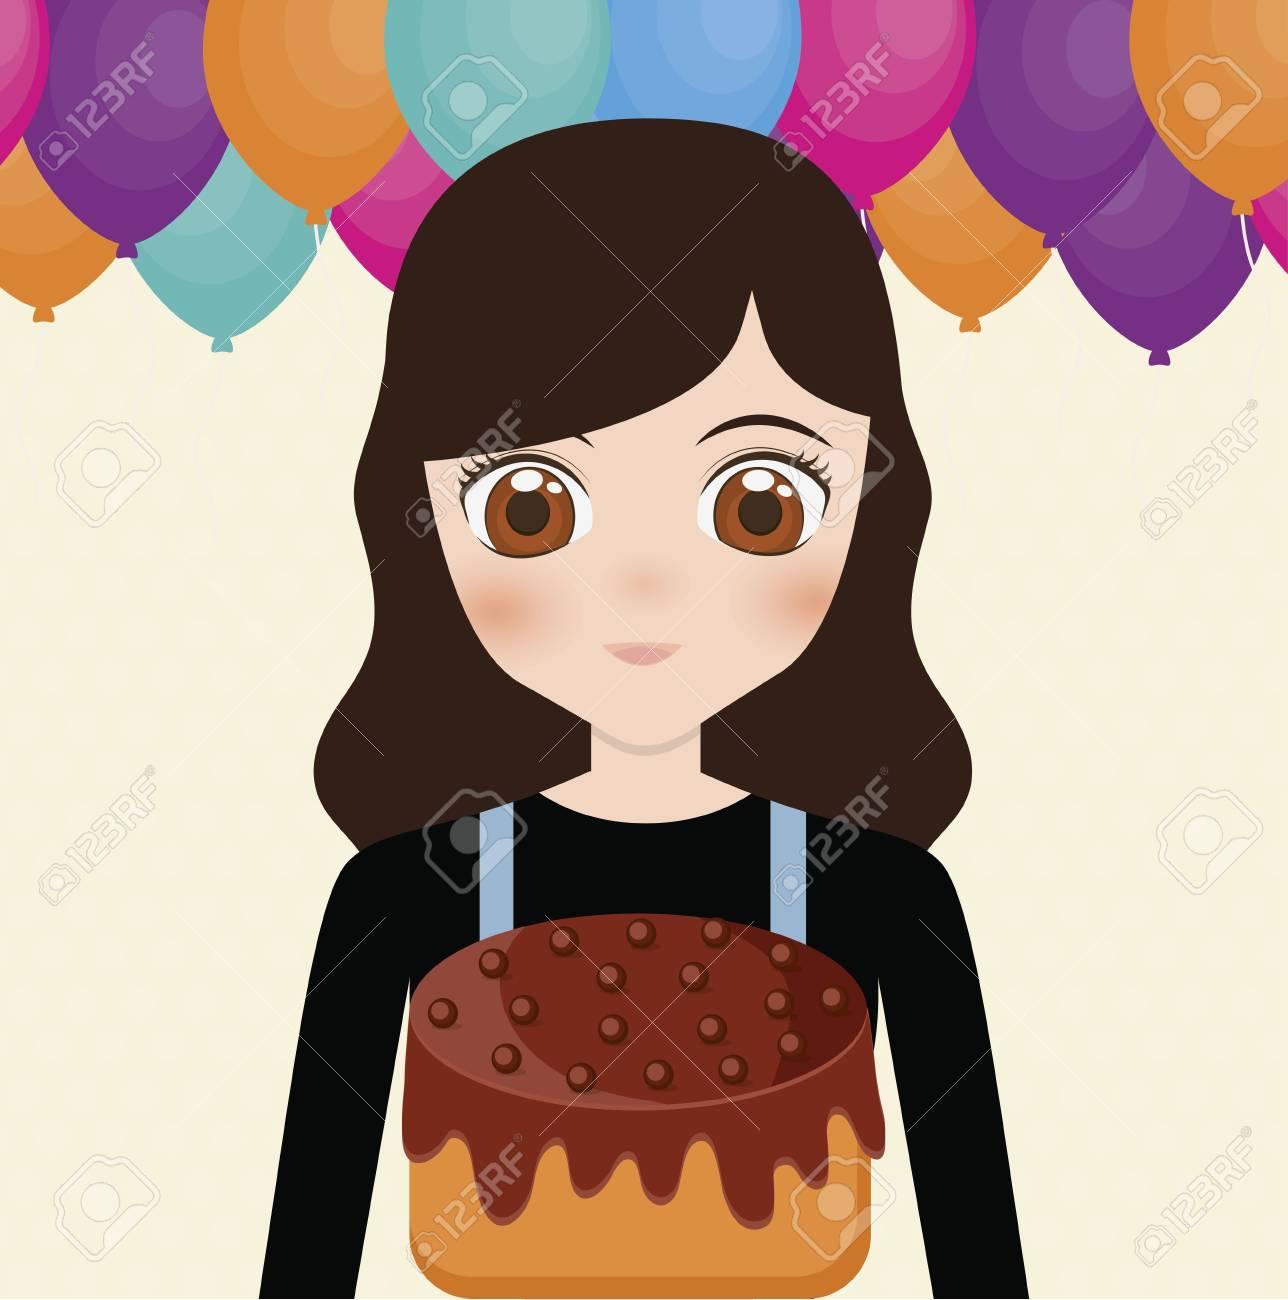 cd7cb78be Foto de archivo - Tarjeta de feliz cumpleaños con chica anime y pastel.  diseño colorido. ilustración vectorial